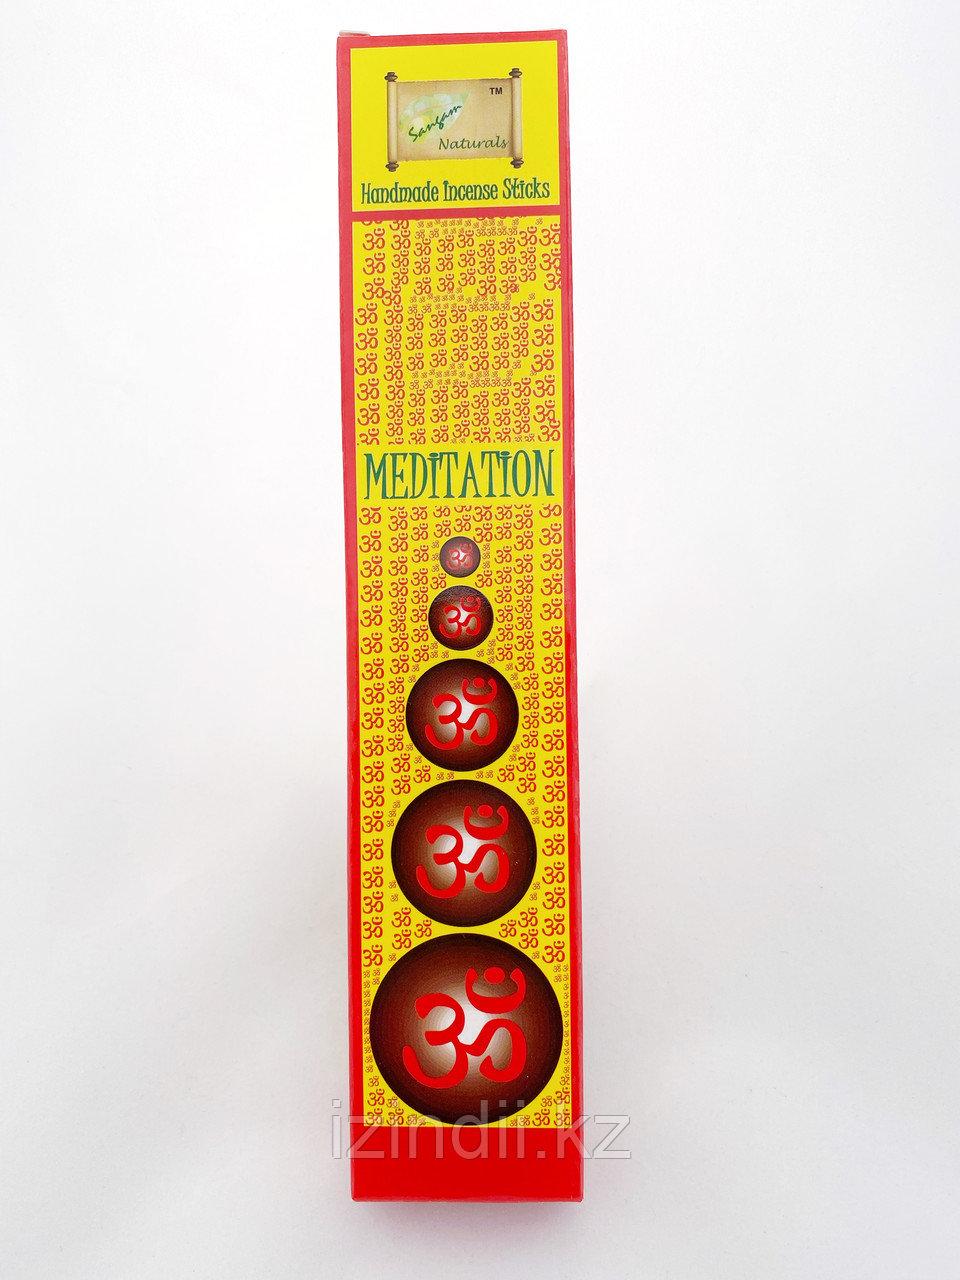 Meditation,Sangam, натуральные благовония ручной работы